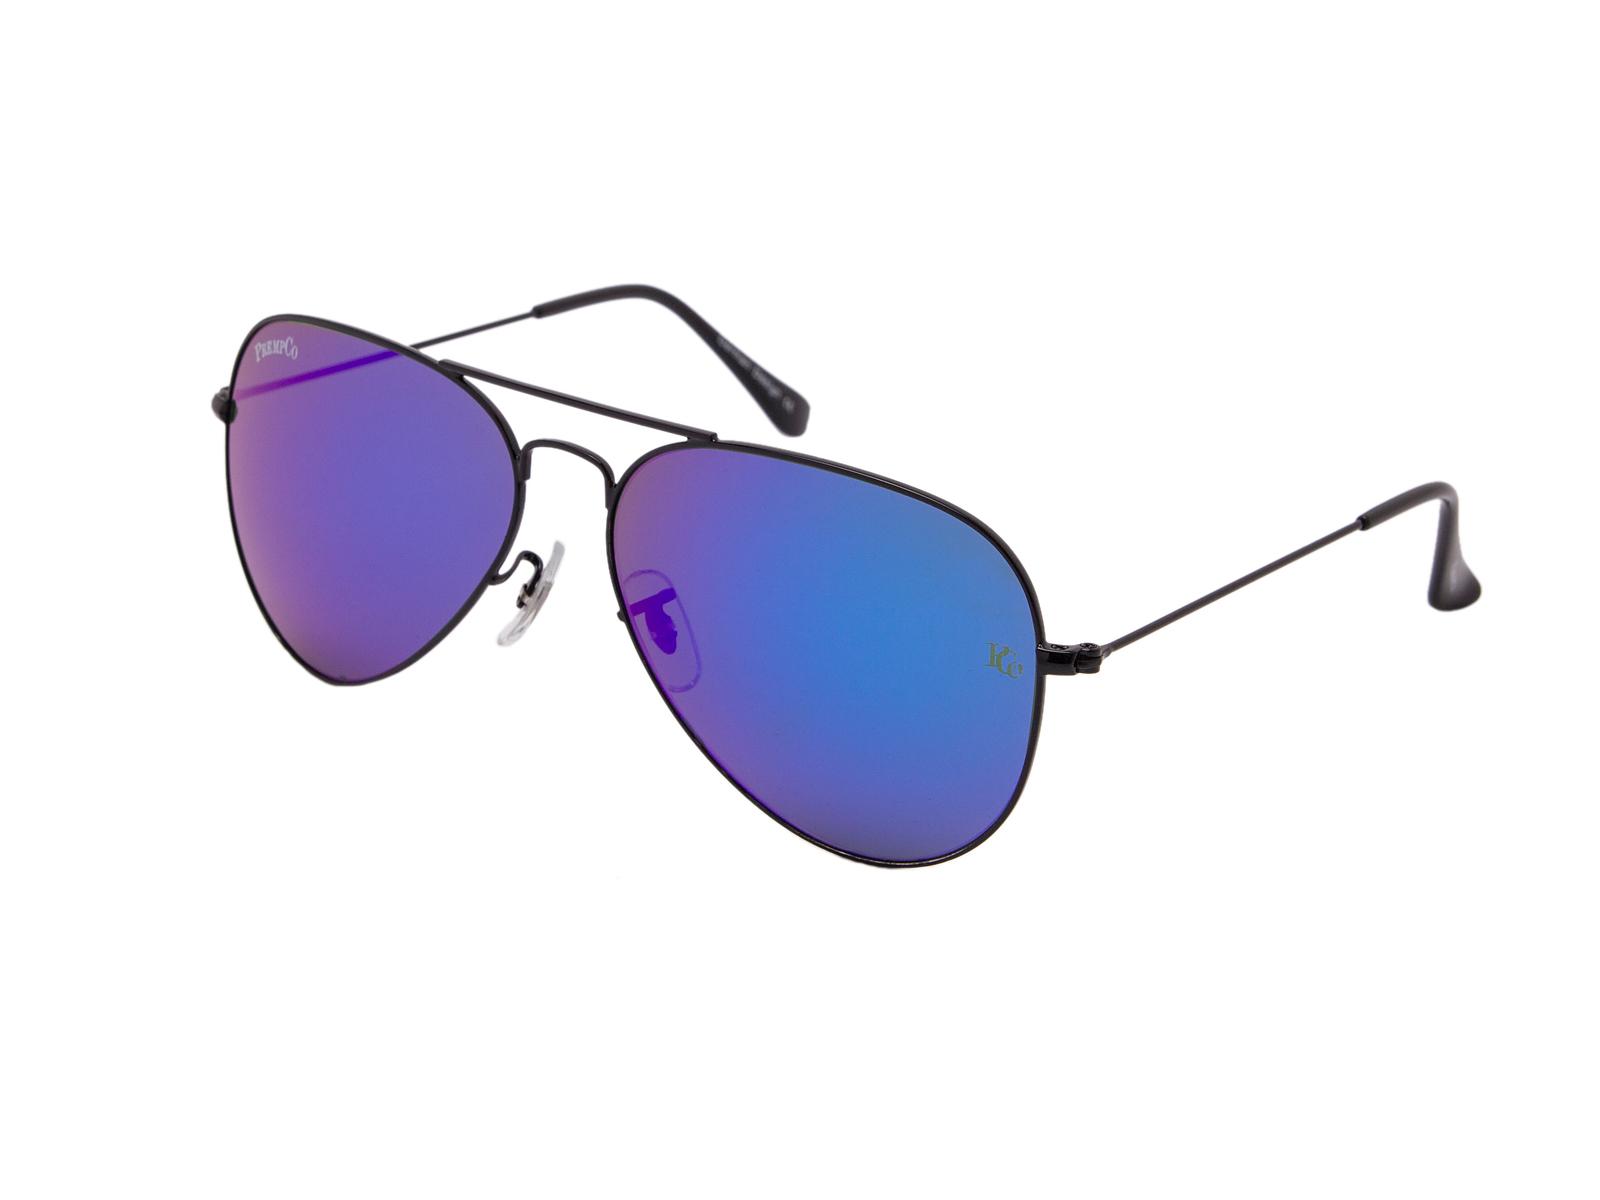 prempco aviator Damen sonnenbrille silber mirror silber gestell (3)